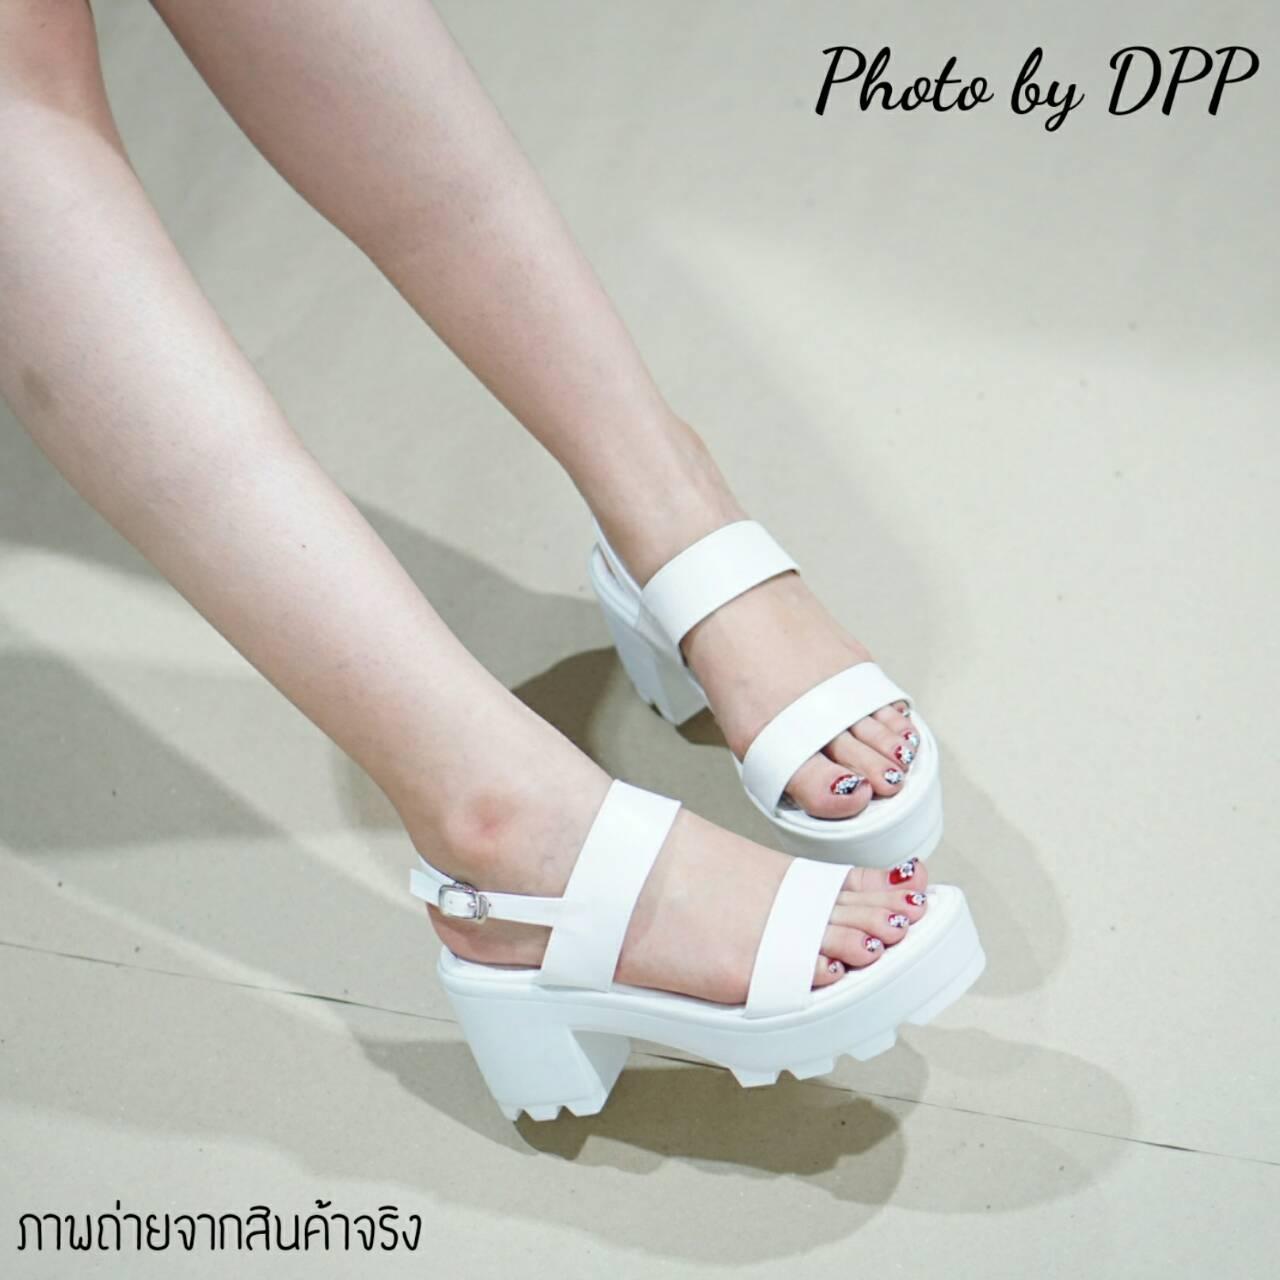 พร้อมส่ง : รองเท้าส้นตึกสไตล์เกาหลี (สีขาว)